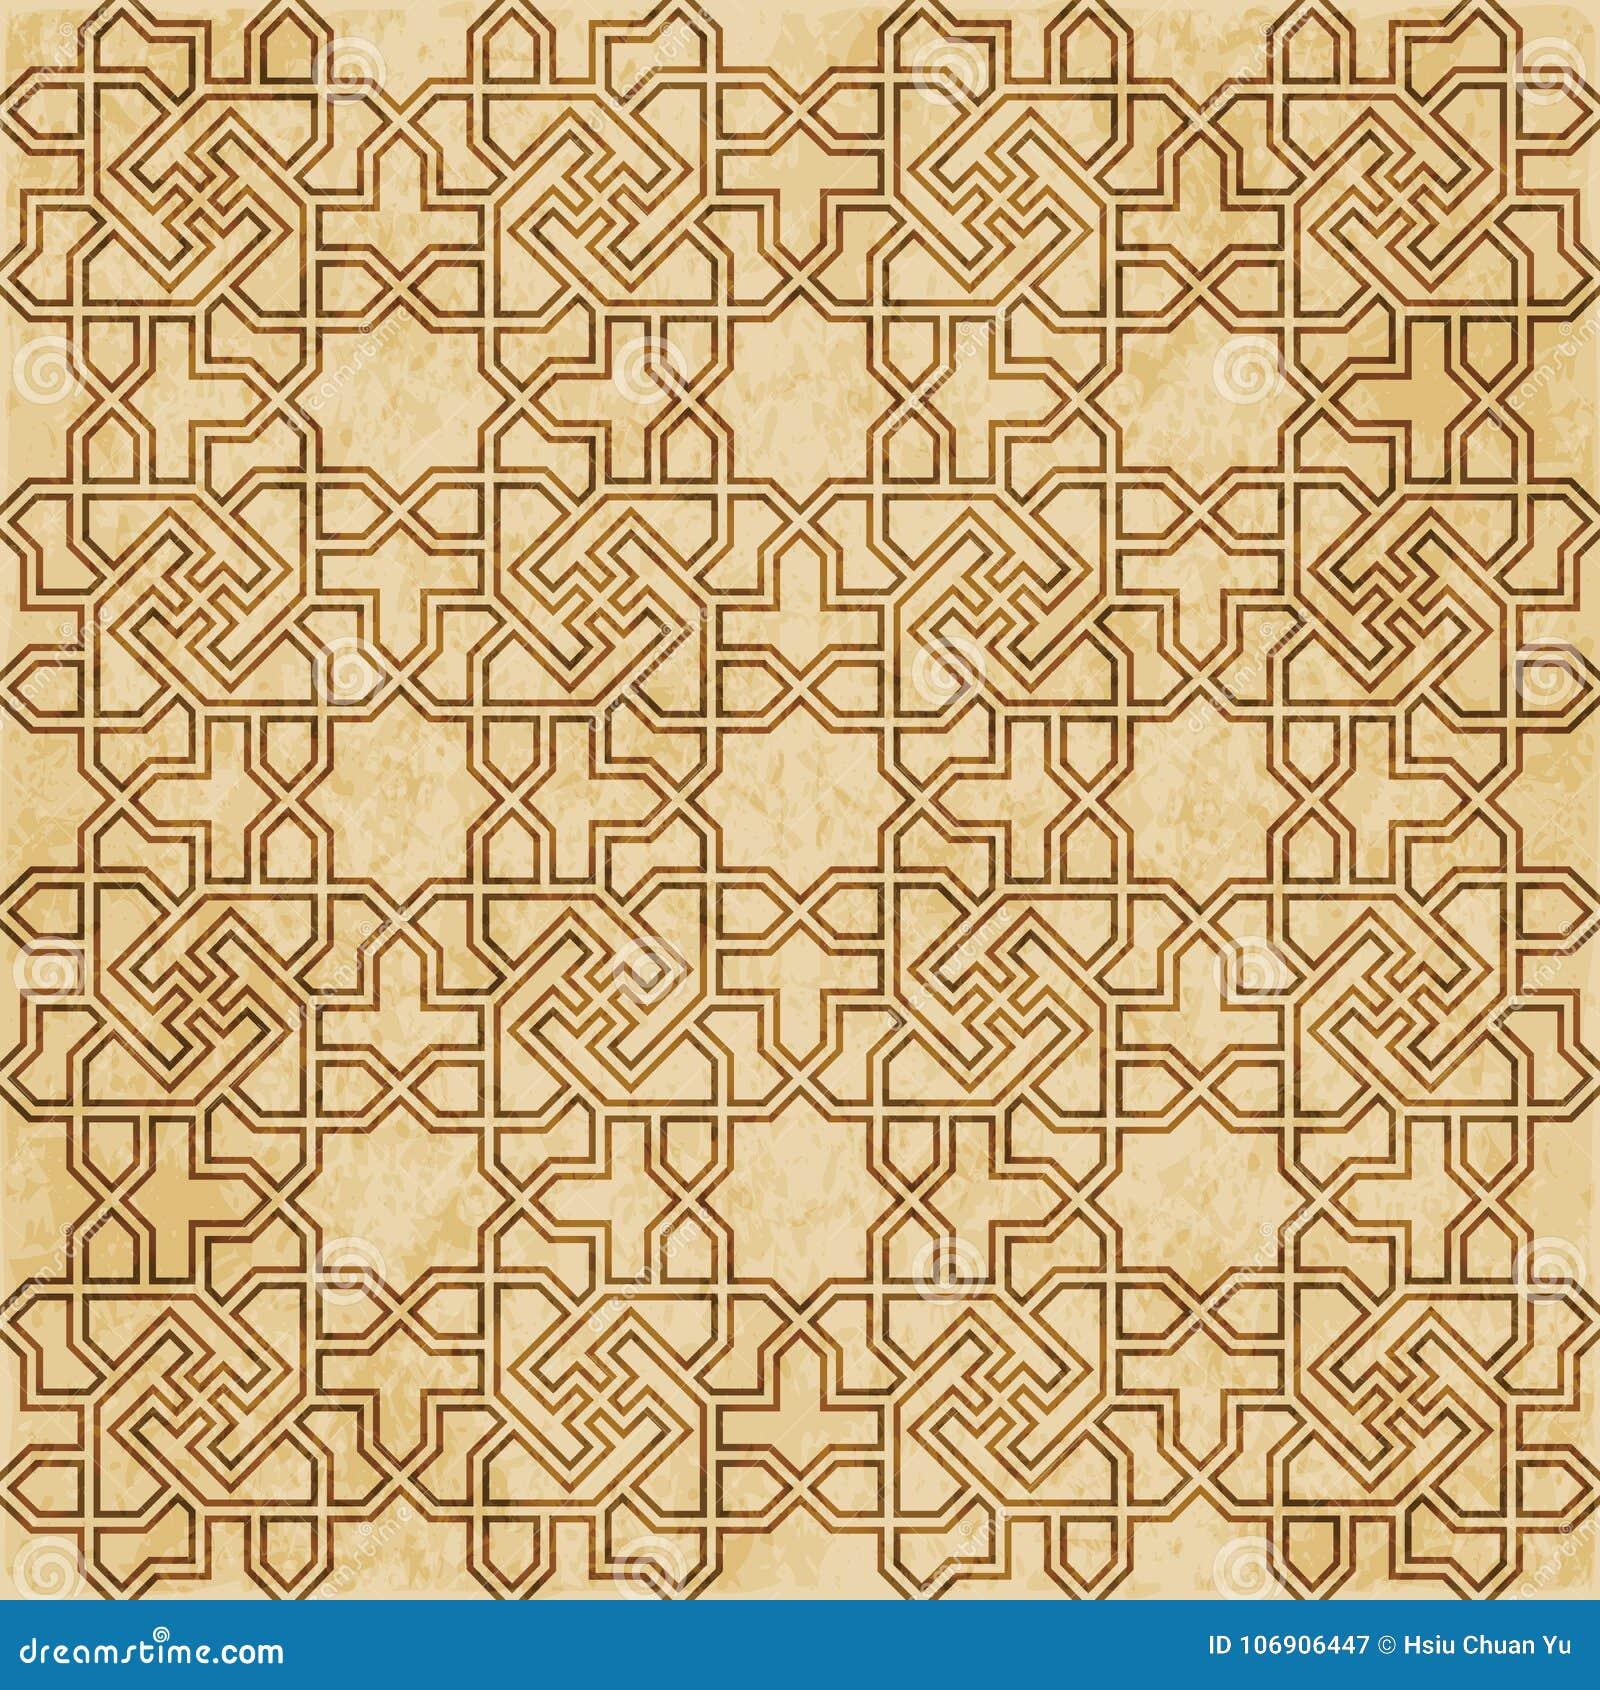 Retro brown islam geometrii wzoru bezszwowego tła wschodni stylowy ornament